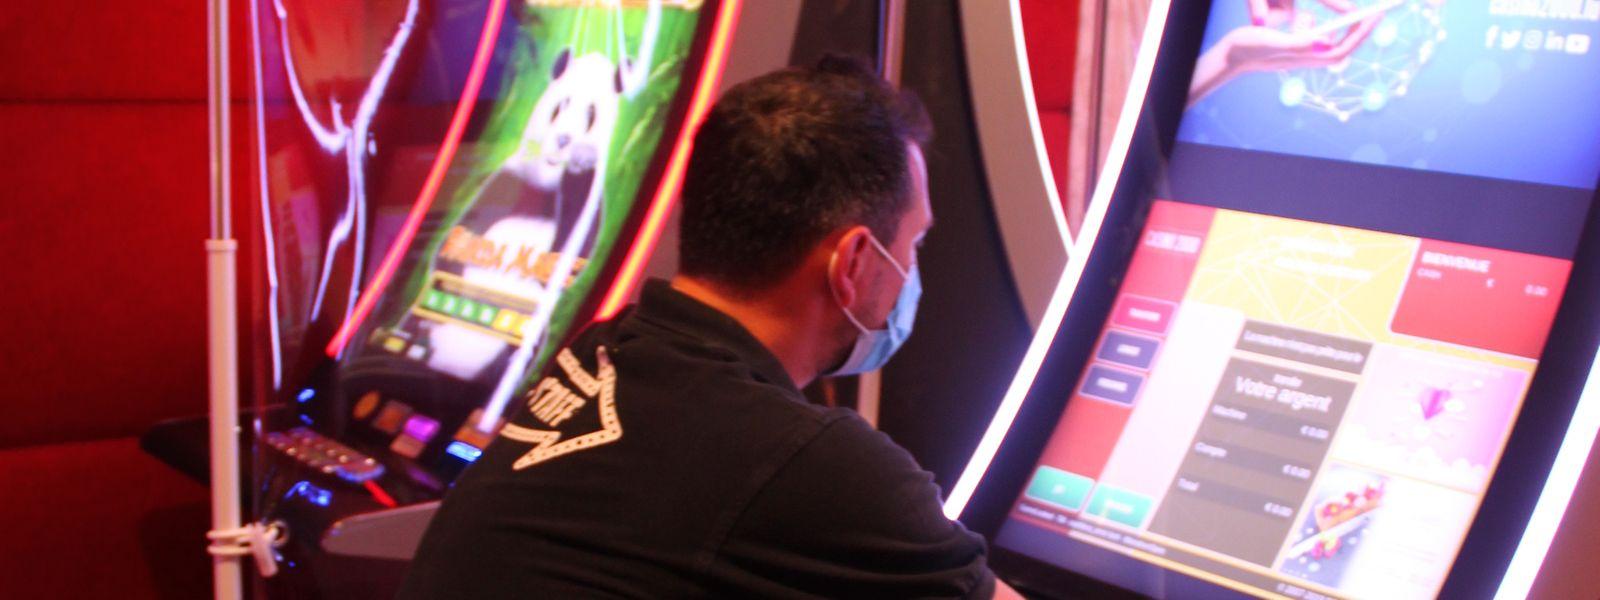 Des séparations entre joueurs viendront isoler les uns et des autres pendant les parties.